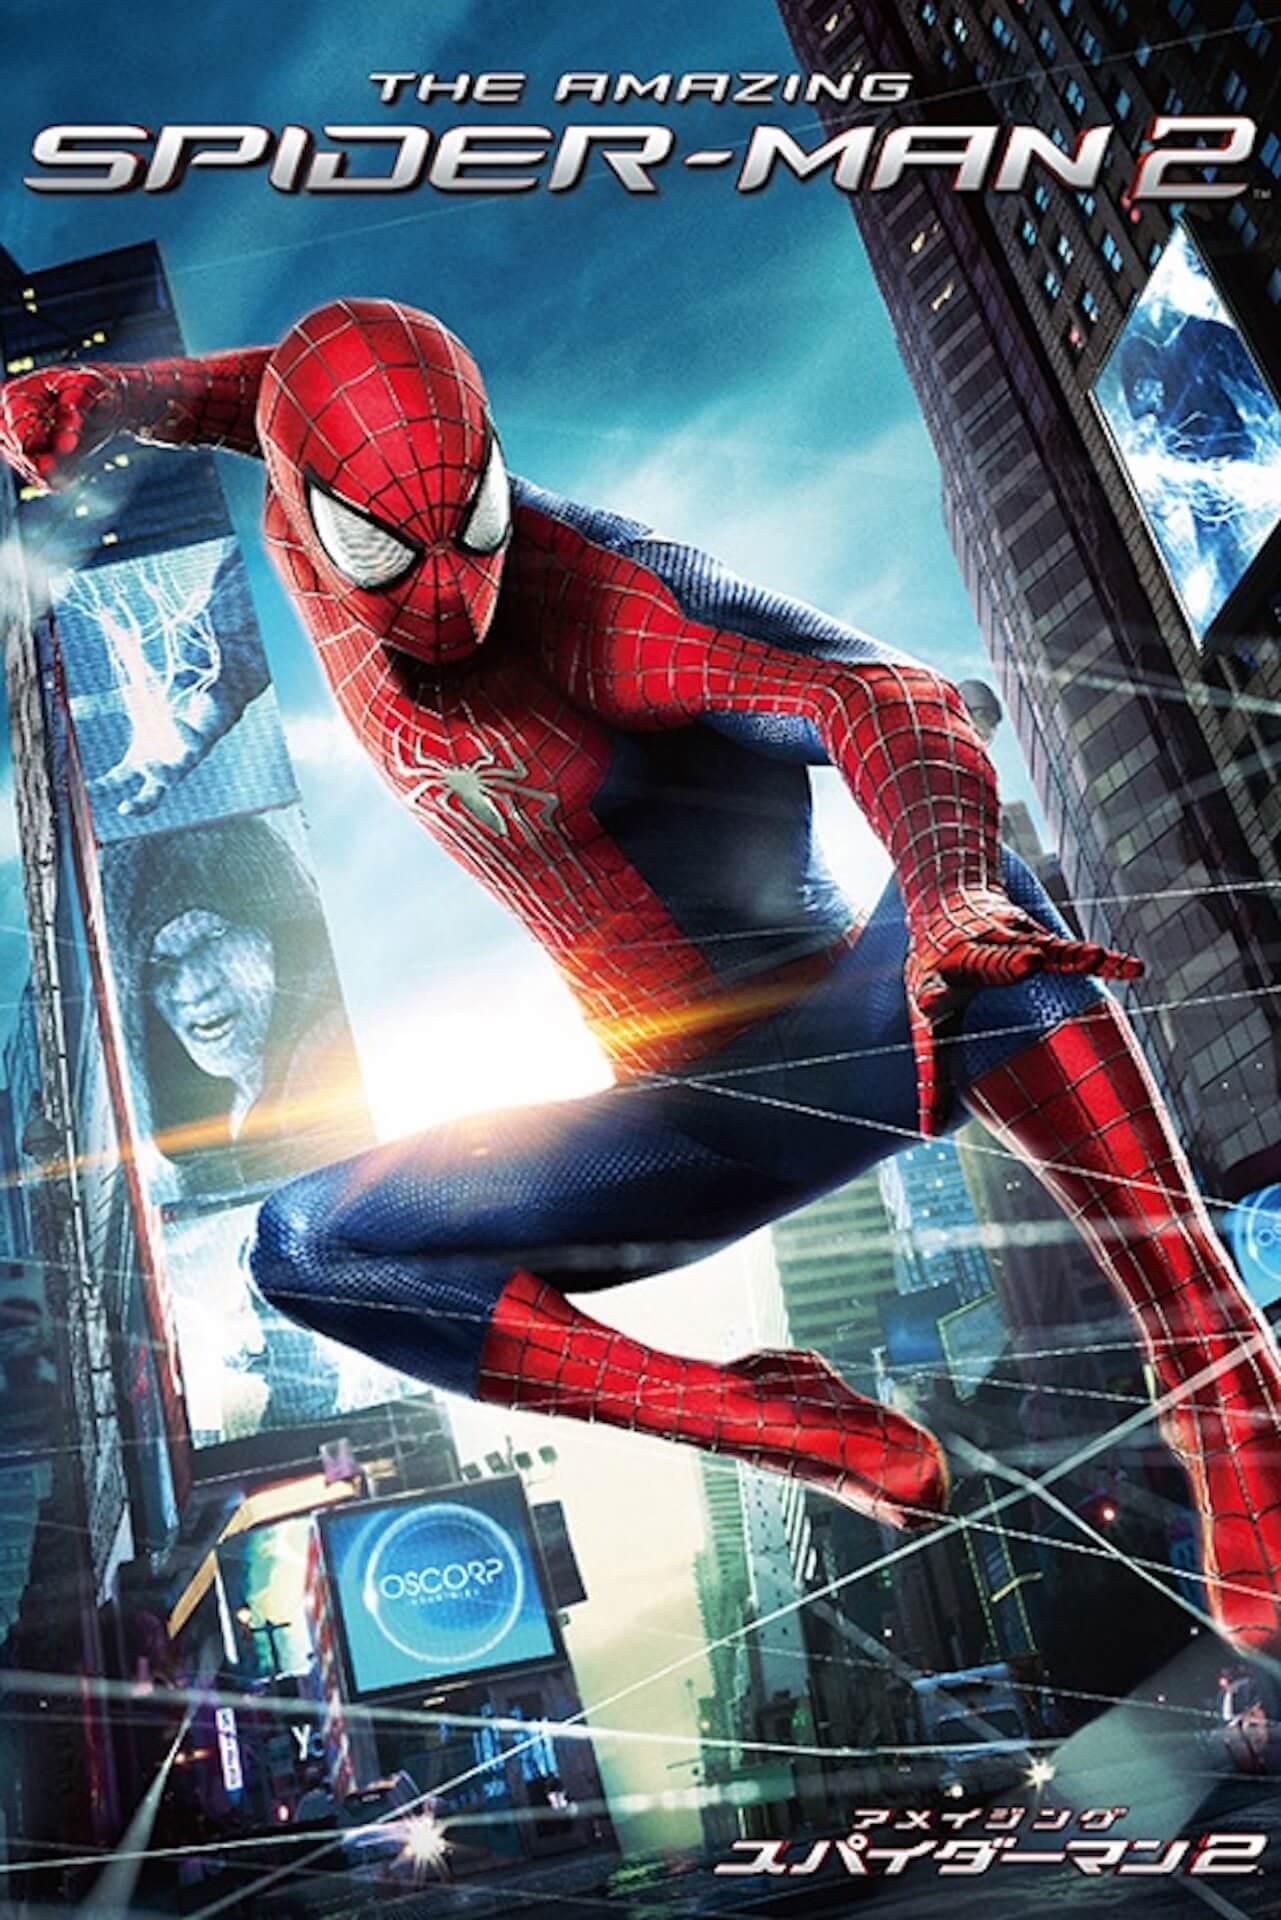 『スパイダーマン』シリーズの一部本編映像&NG映像も解禁!「スパイダーマン ファンウィーク」が本日より開催 flim210728_spiderman_9